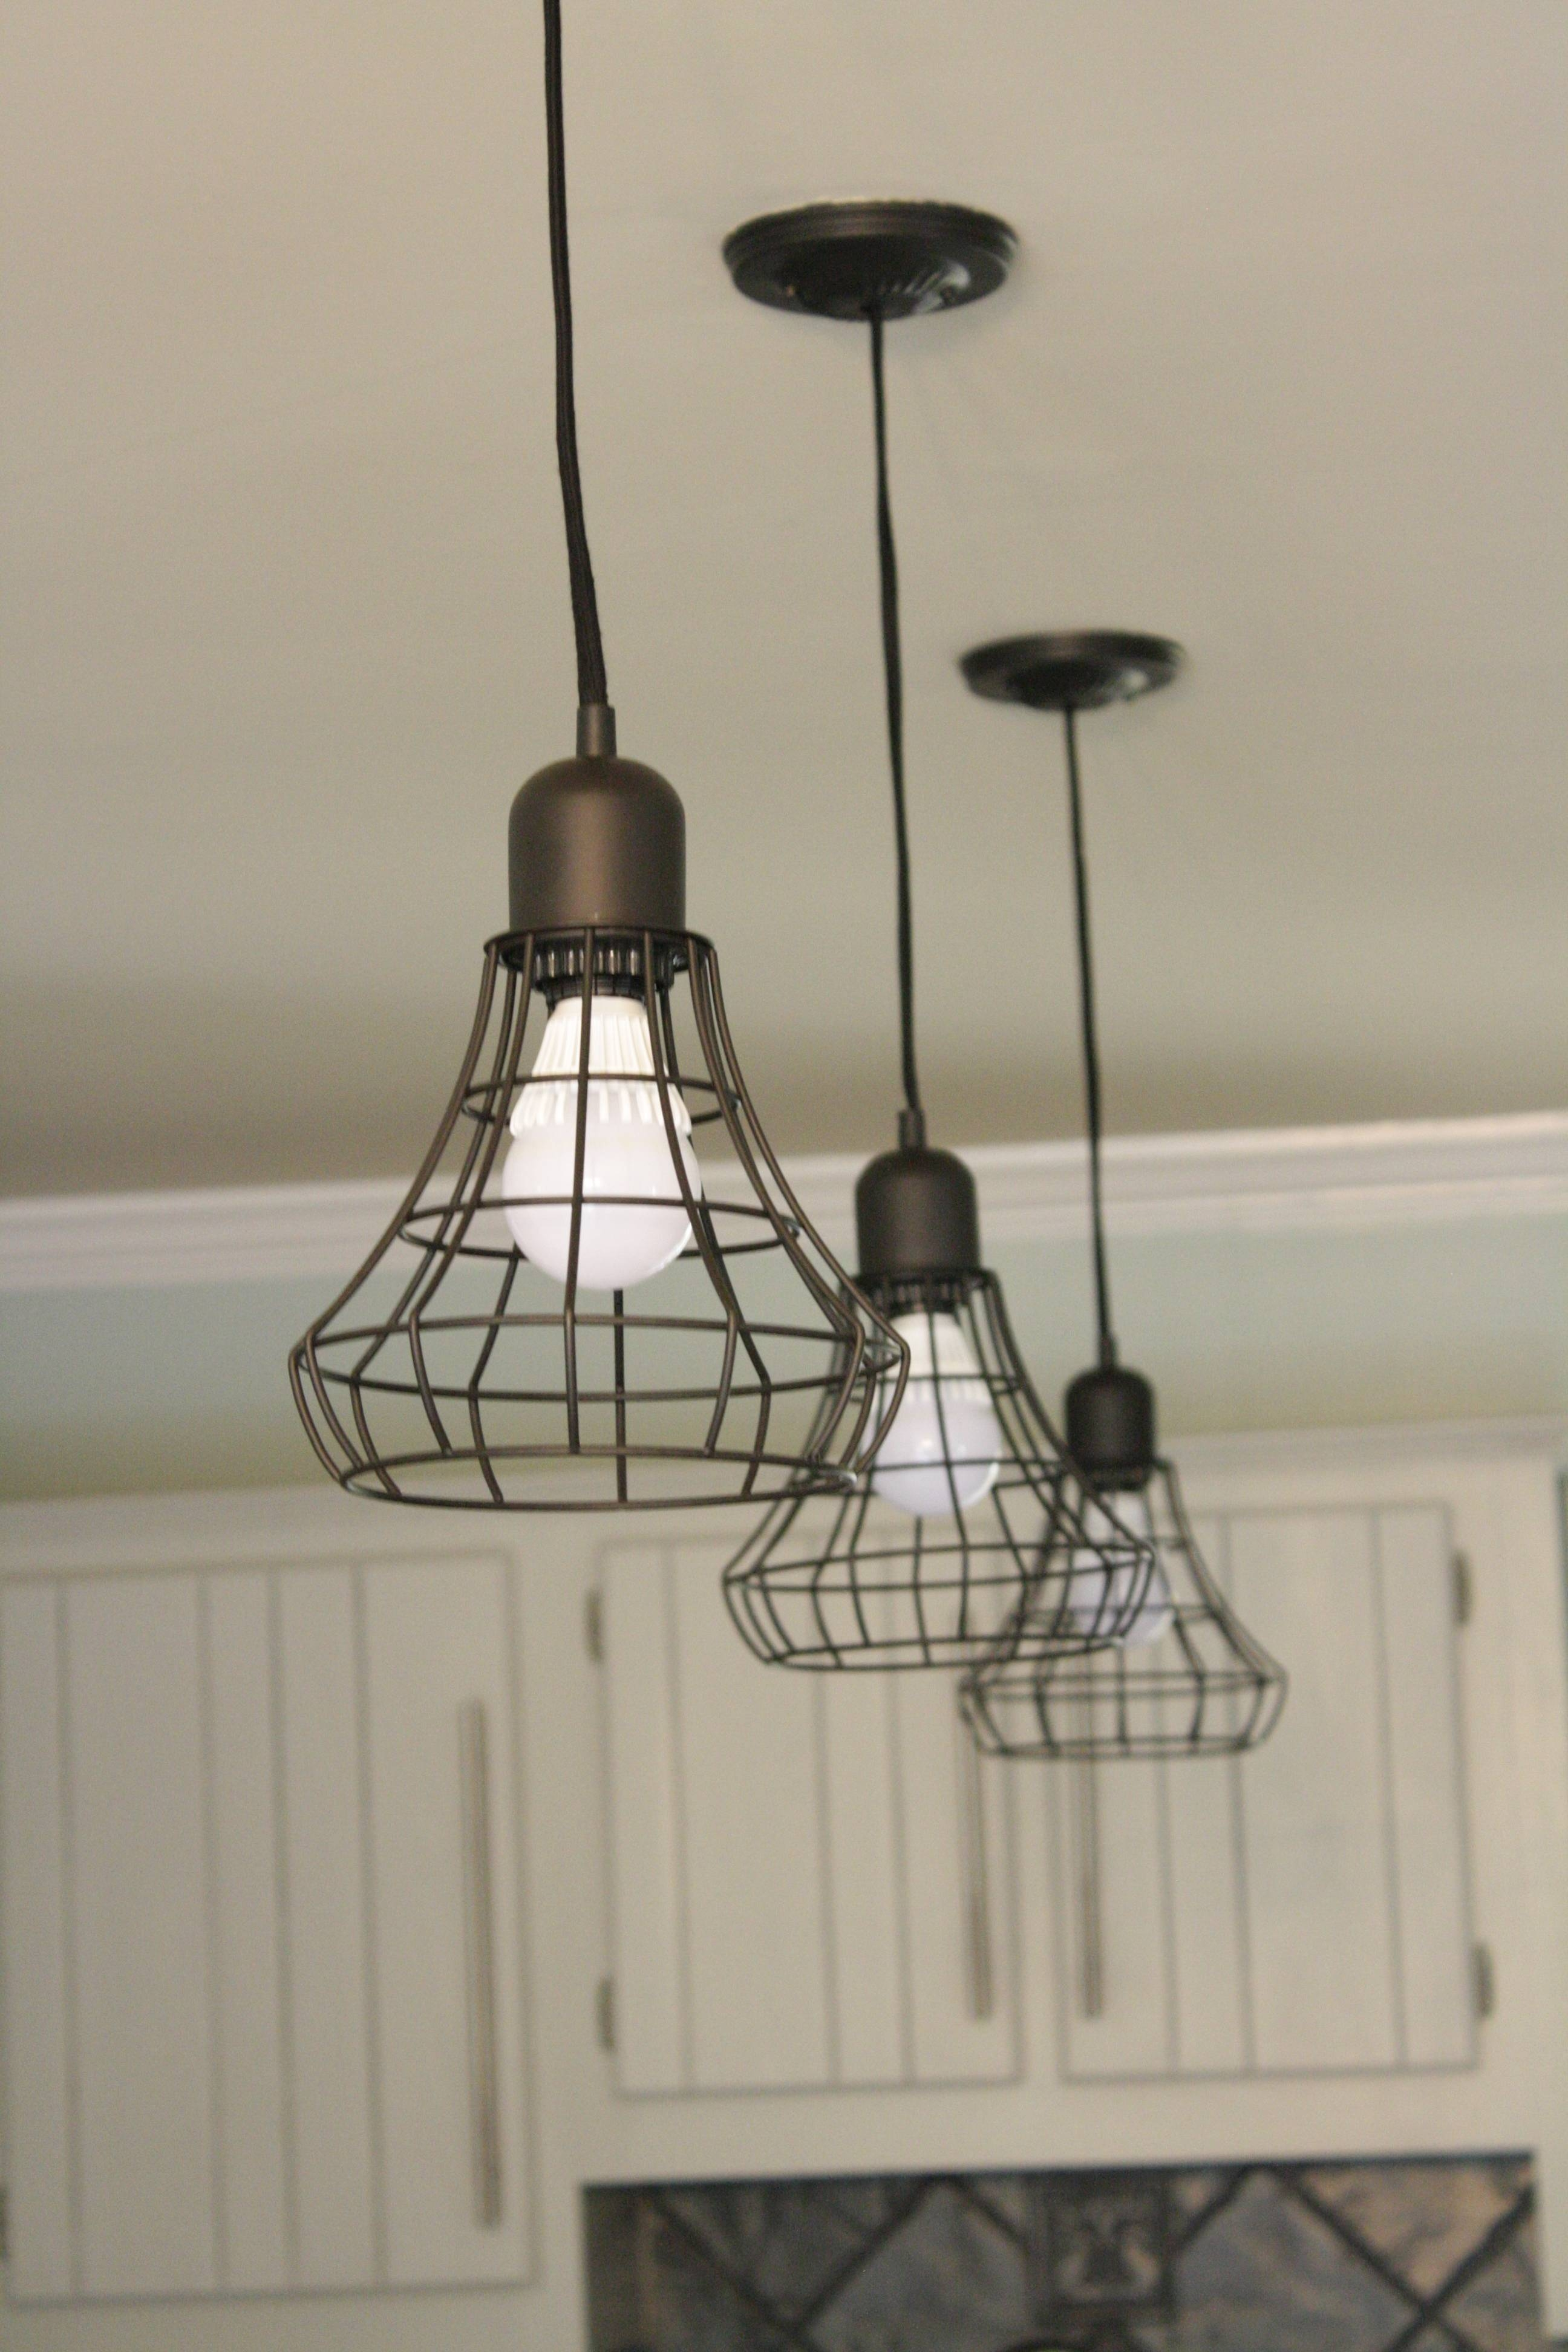 Industrial Pendant Lighting Fixtures - Baby-Exit with regard to Industrial Looking Lights Fixtures (Image 10 of 15)